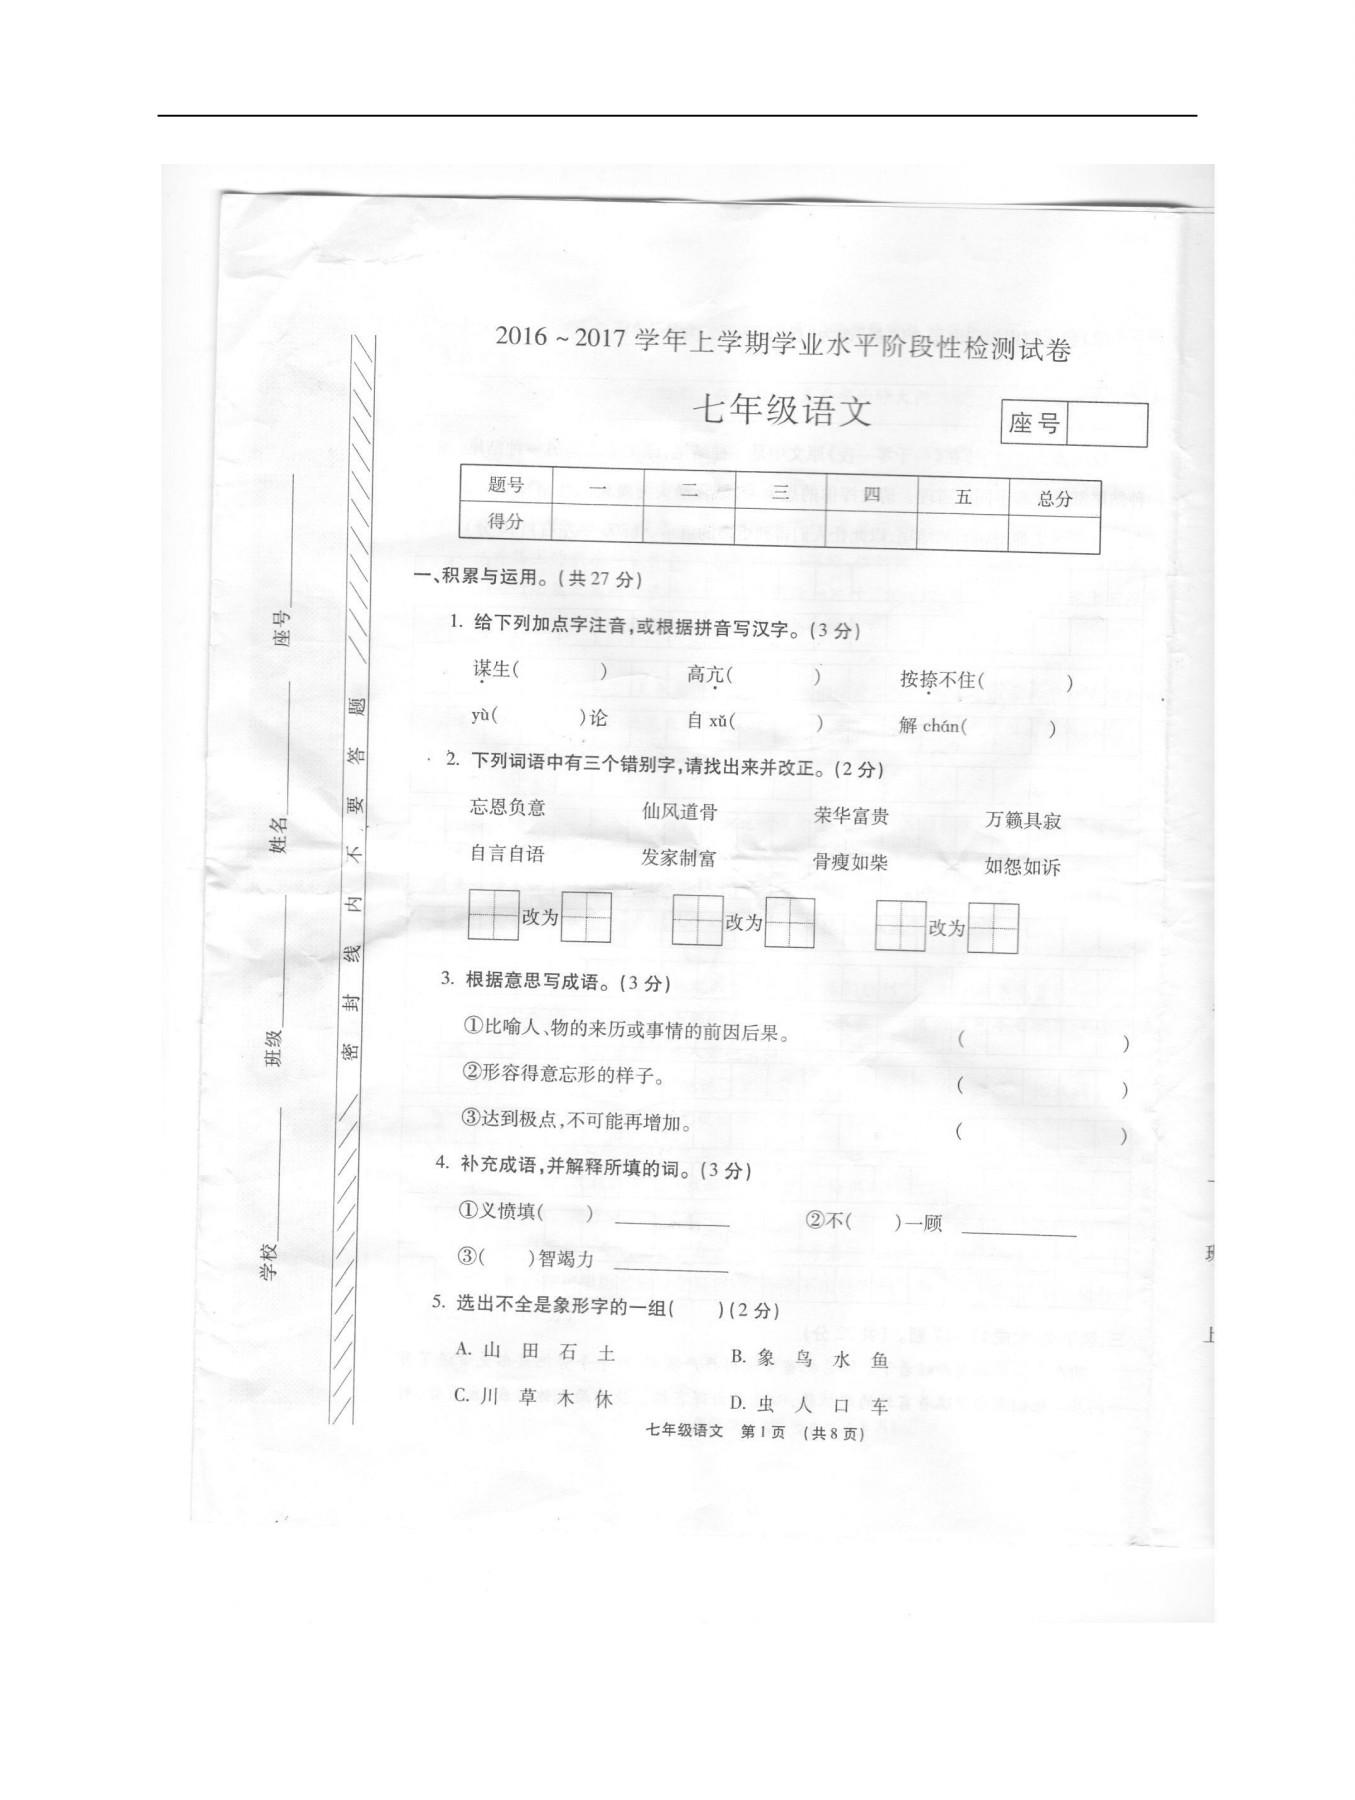 2017河南禹州七年级1月第二次月考语文试题(Word版)